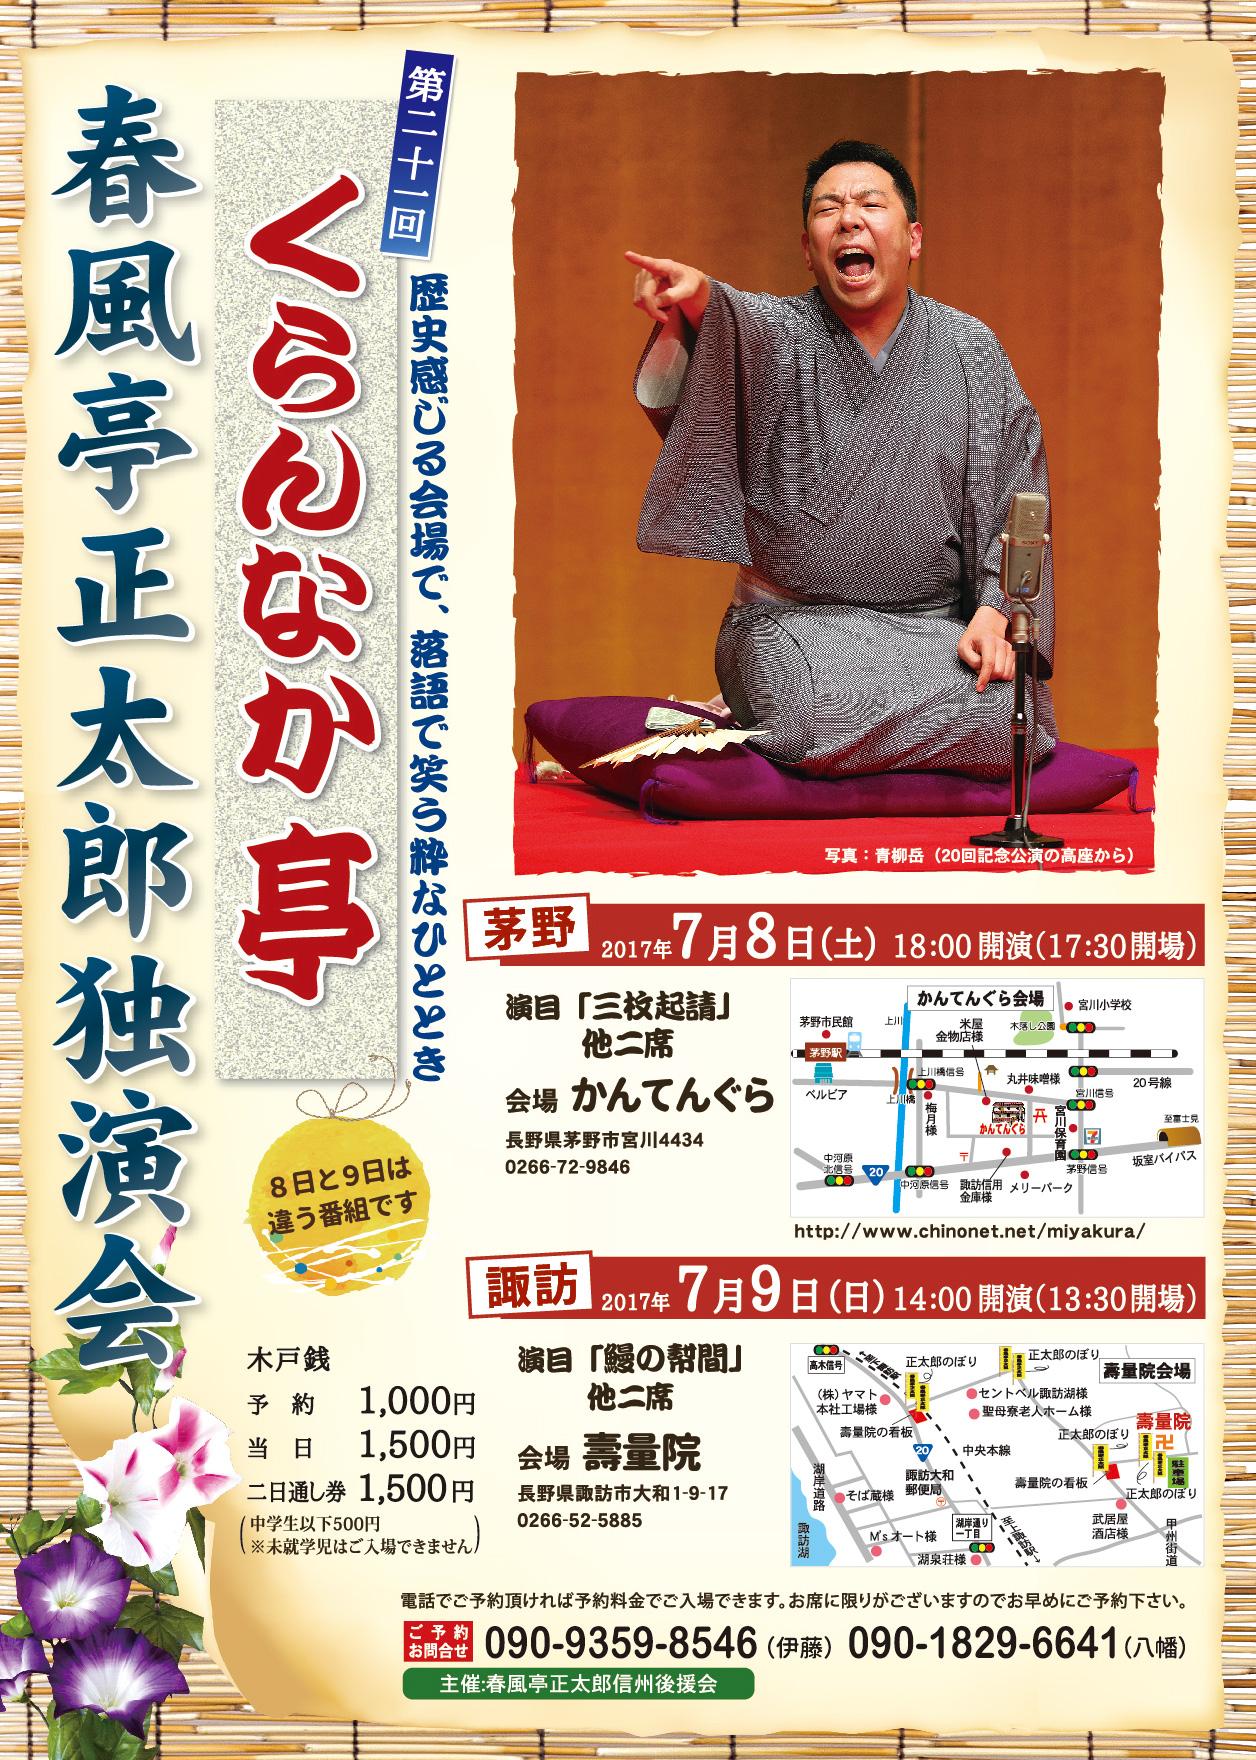 第21回くらんなか亭(春風亭正太郎独演会)のポスター・チラシできました。